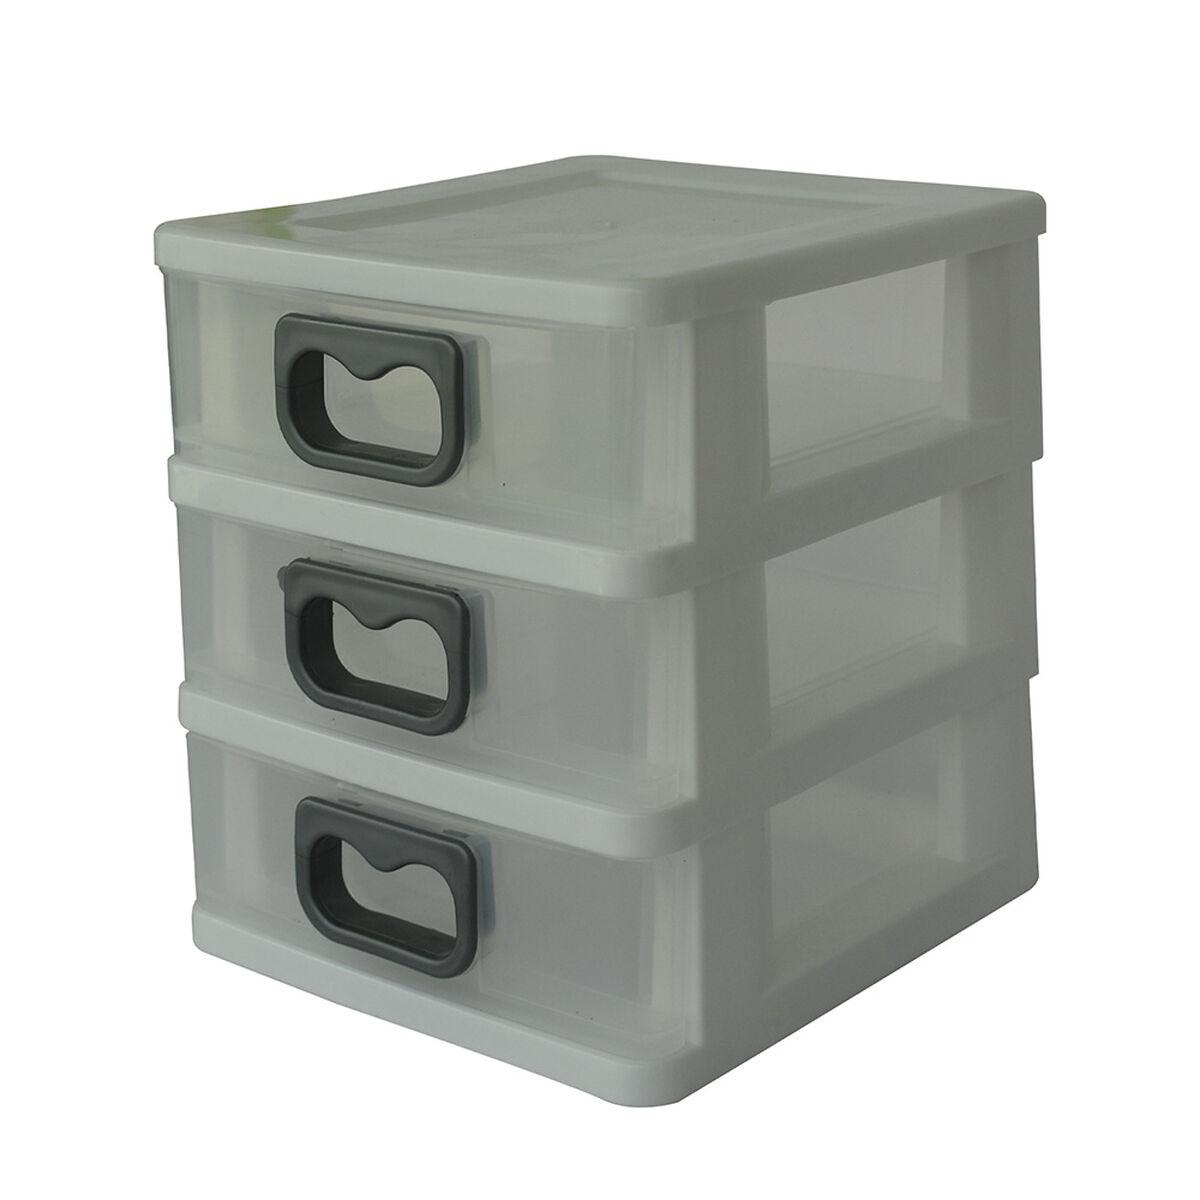 Caja Organizadora Plástica San Bernardo 3 Niveles Blanco